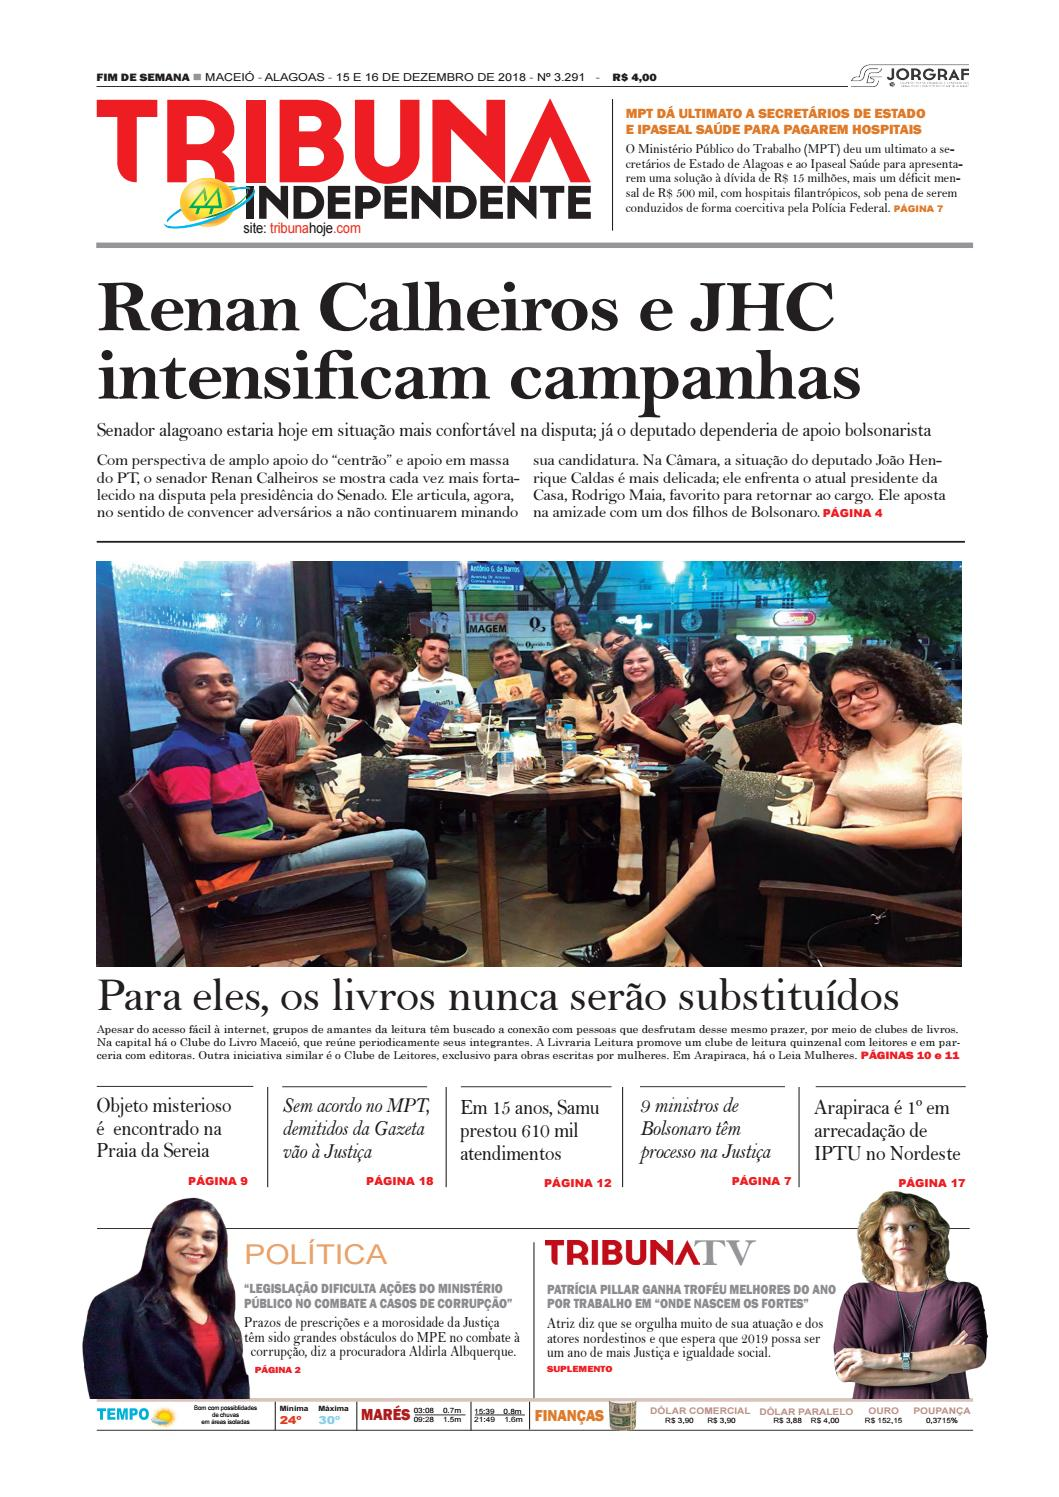 0de61b18ca Edição número 3291 - 15 e 16 de dezembro de 2018 by Tribuna Hoje - issuu